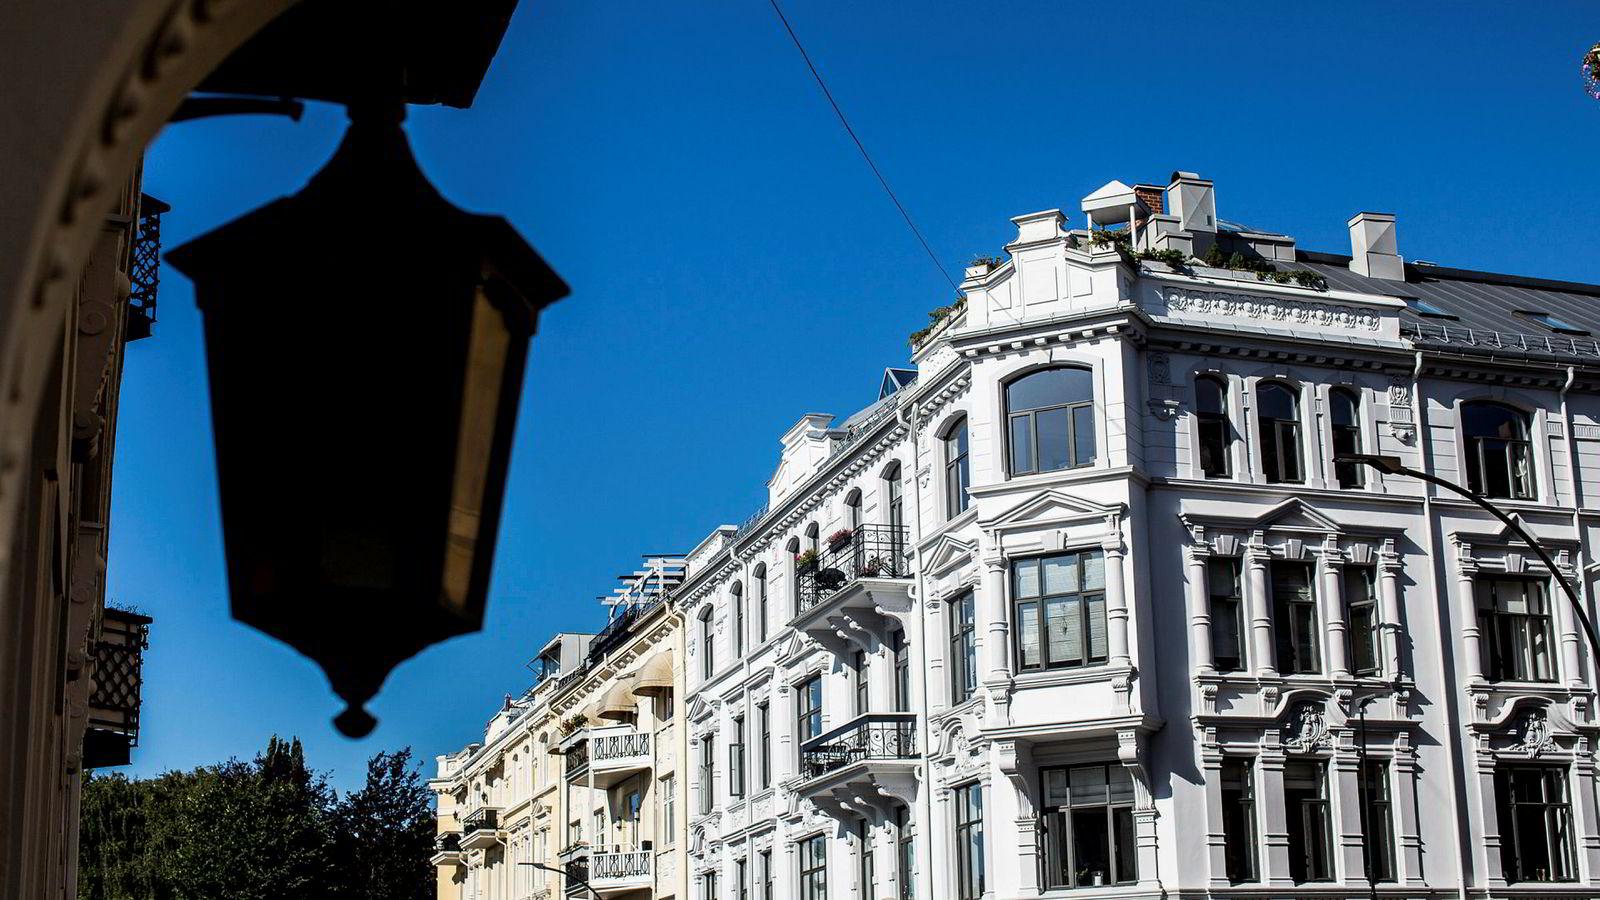 Oslo skiller seg særlig ut med en boligprisnedgang i siste kvartal på 5,9 prosent, ifølge Eiendom Norge.